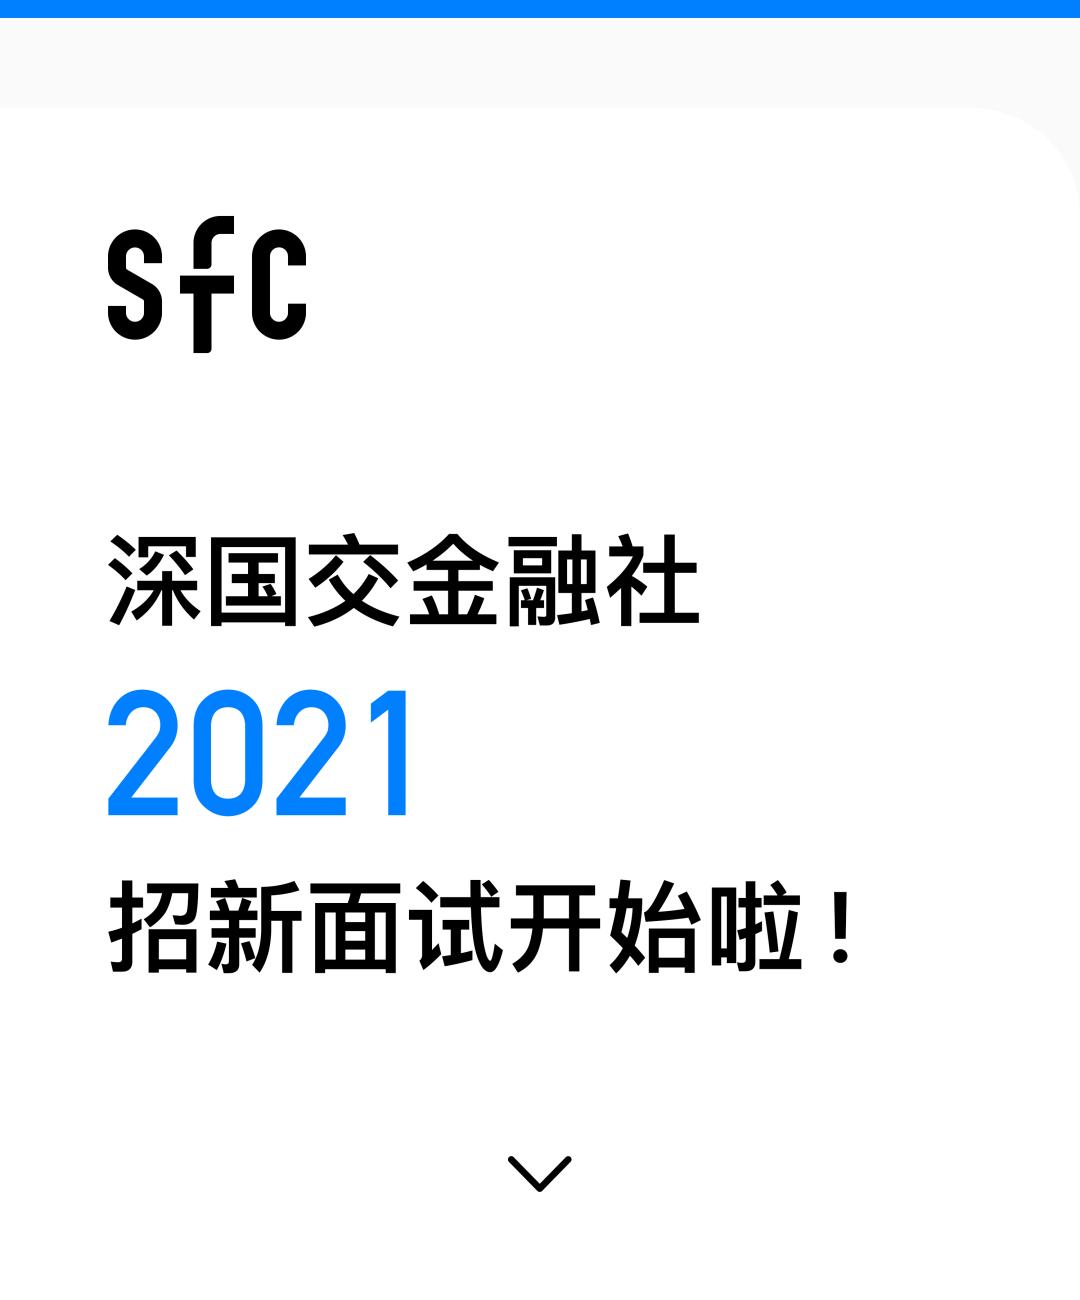 深国交SFC金融社|2021 招新 面试 开始啦!